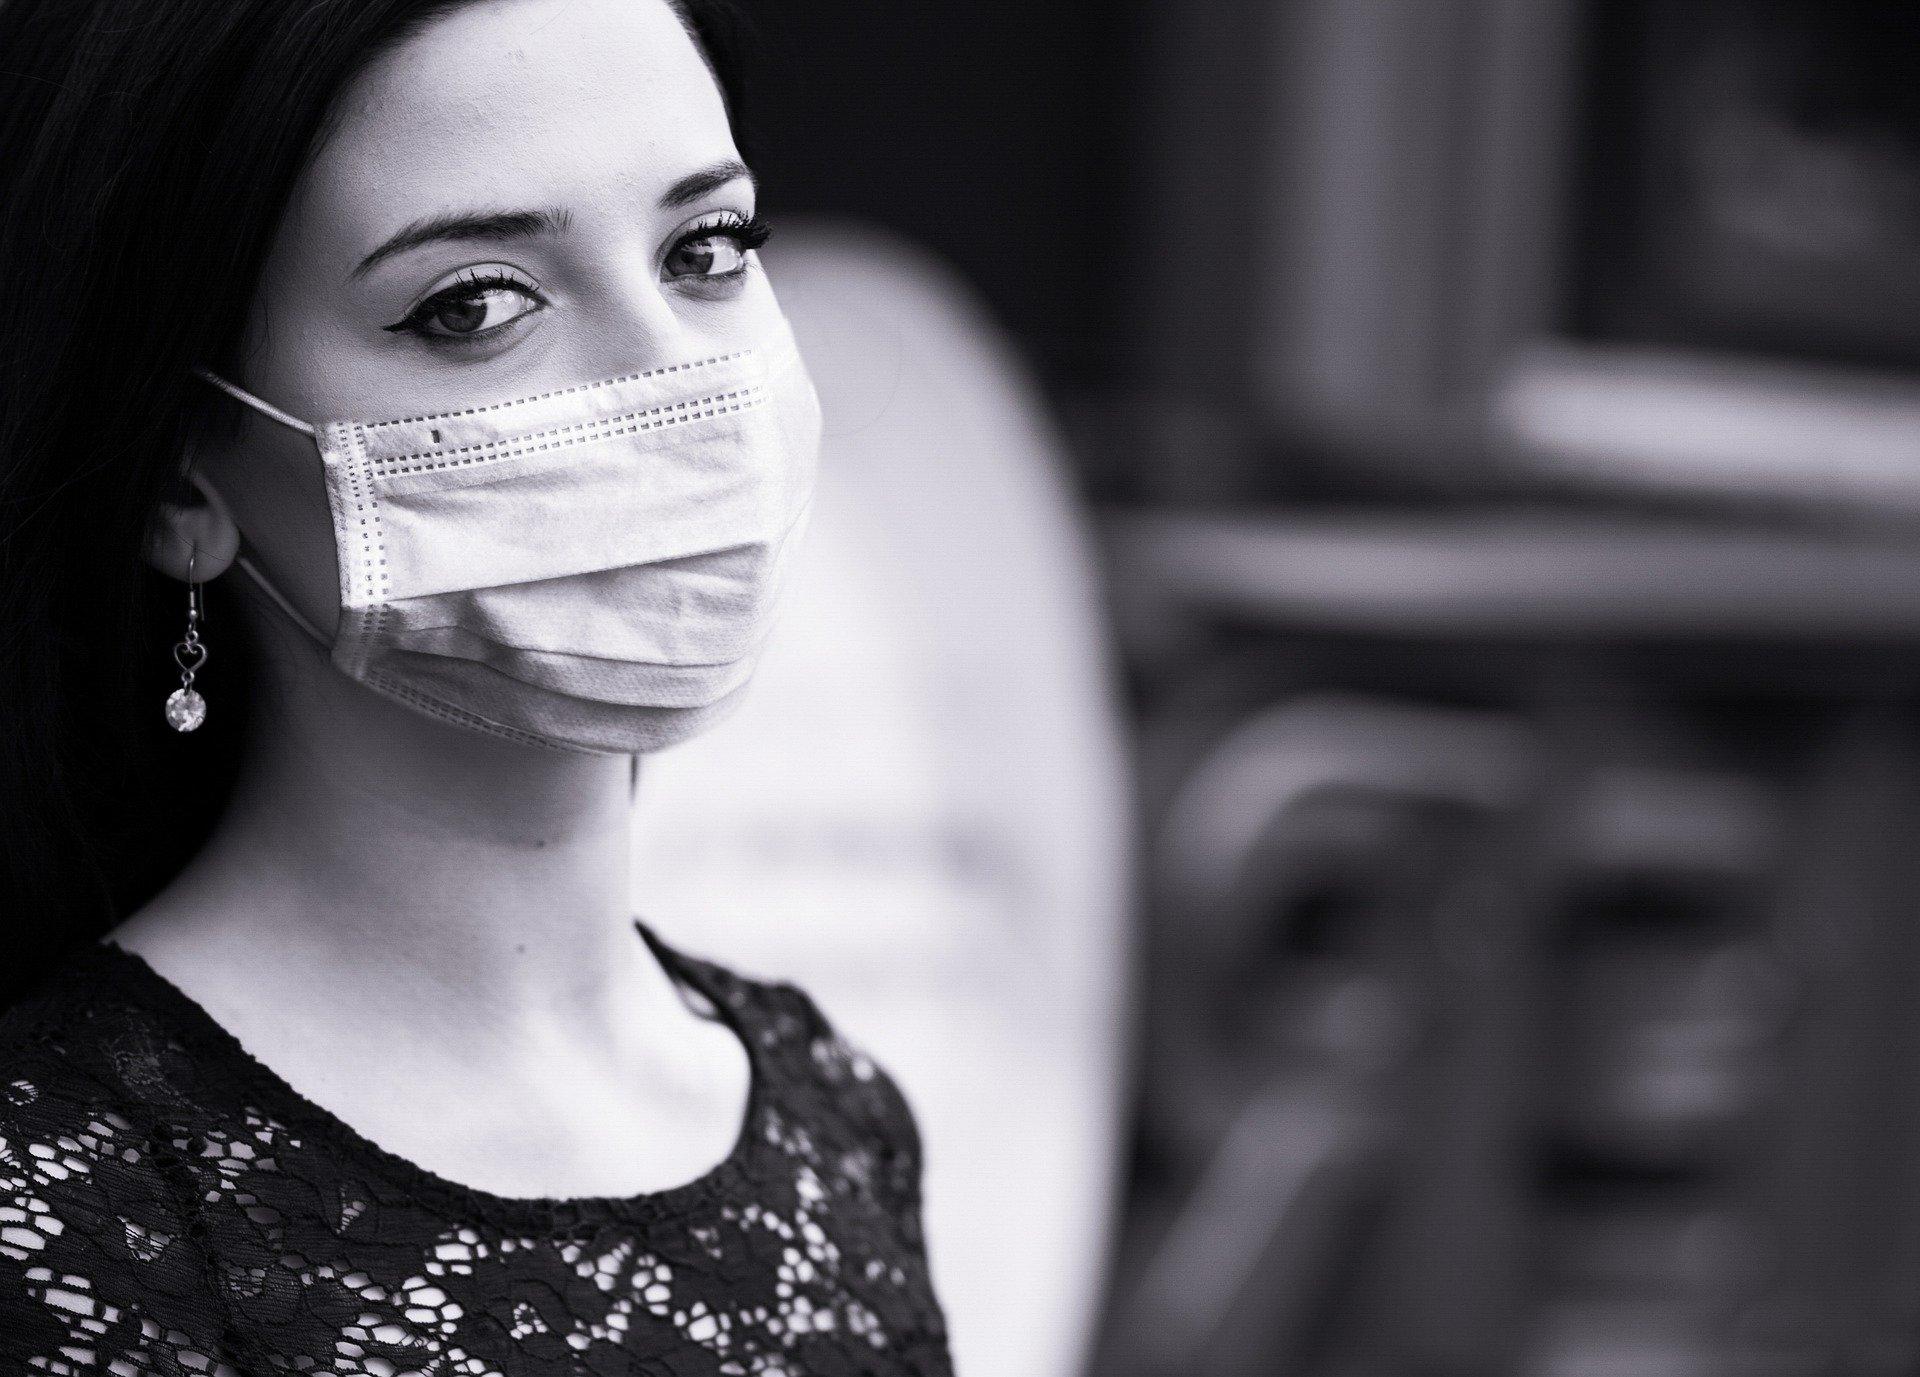 マスク−女性